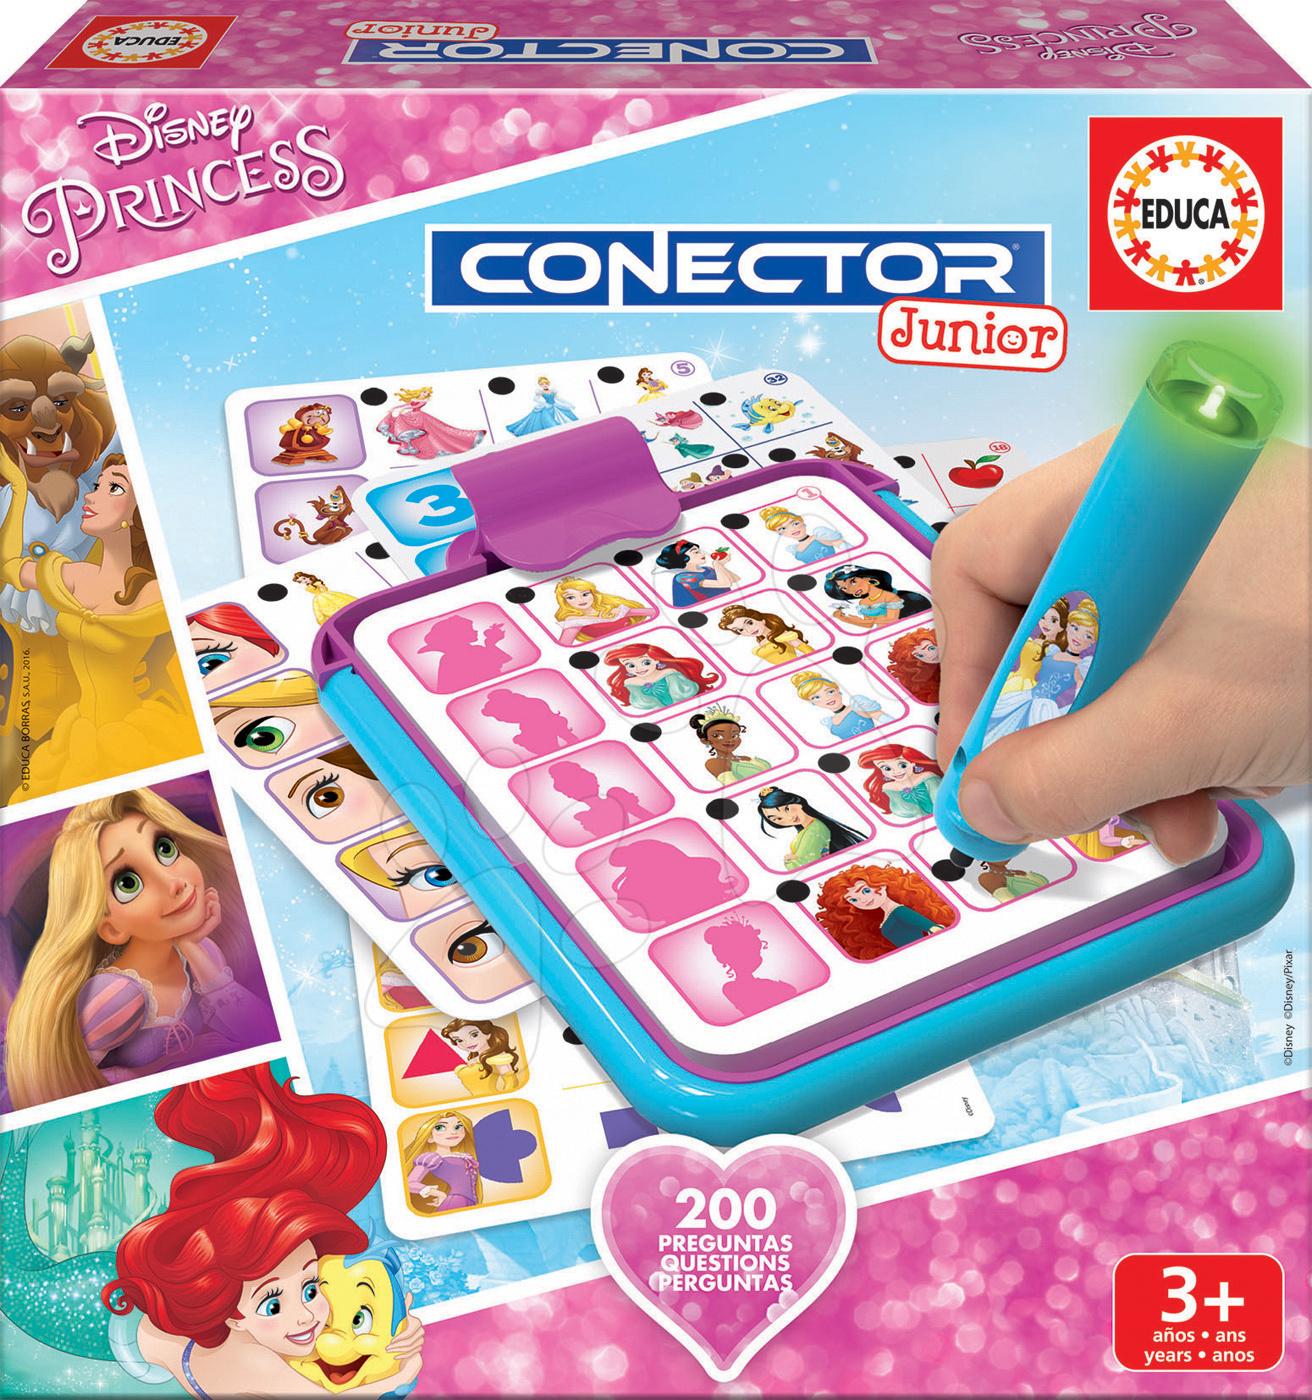 53e4c26b1 Spoločenská hra Disney Princezné Conector Junior Educa 40 kariet a 200  otázok s inteligentným perom v